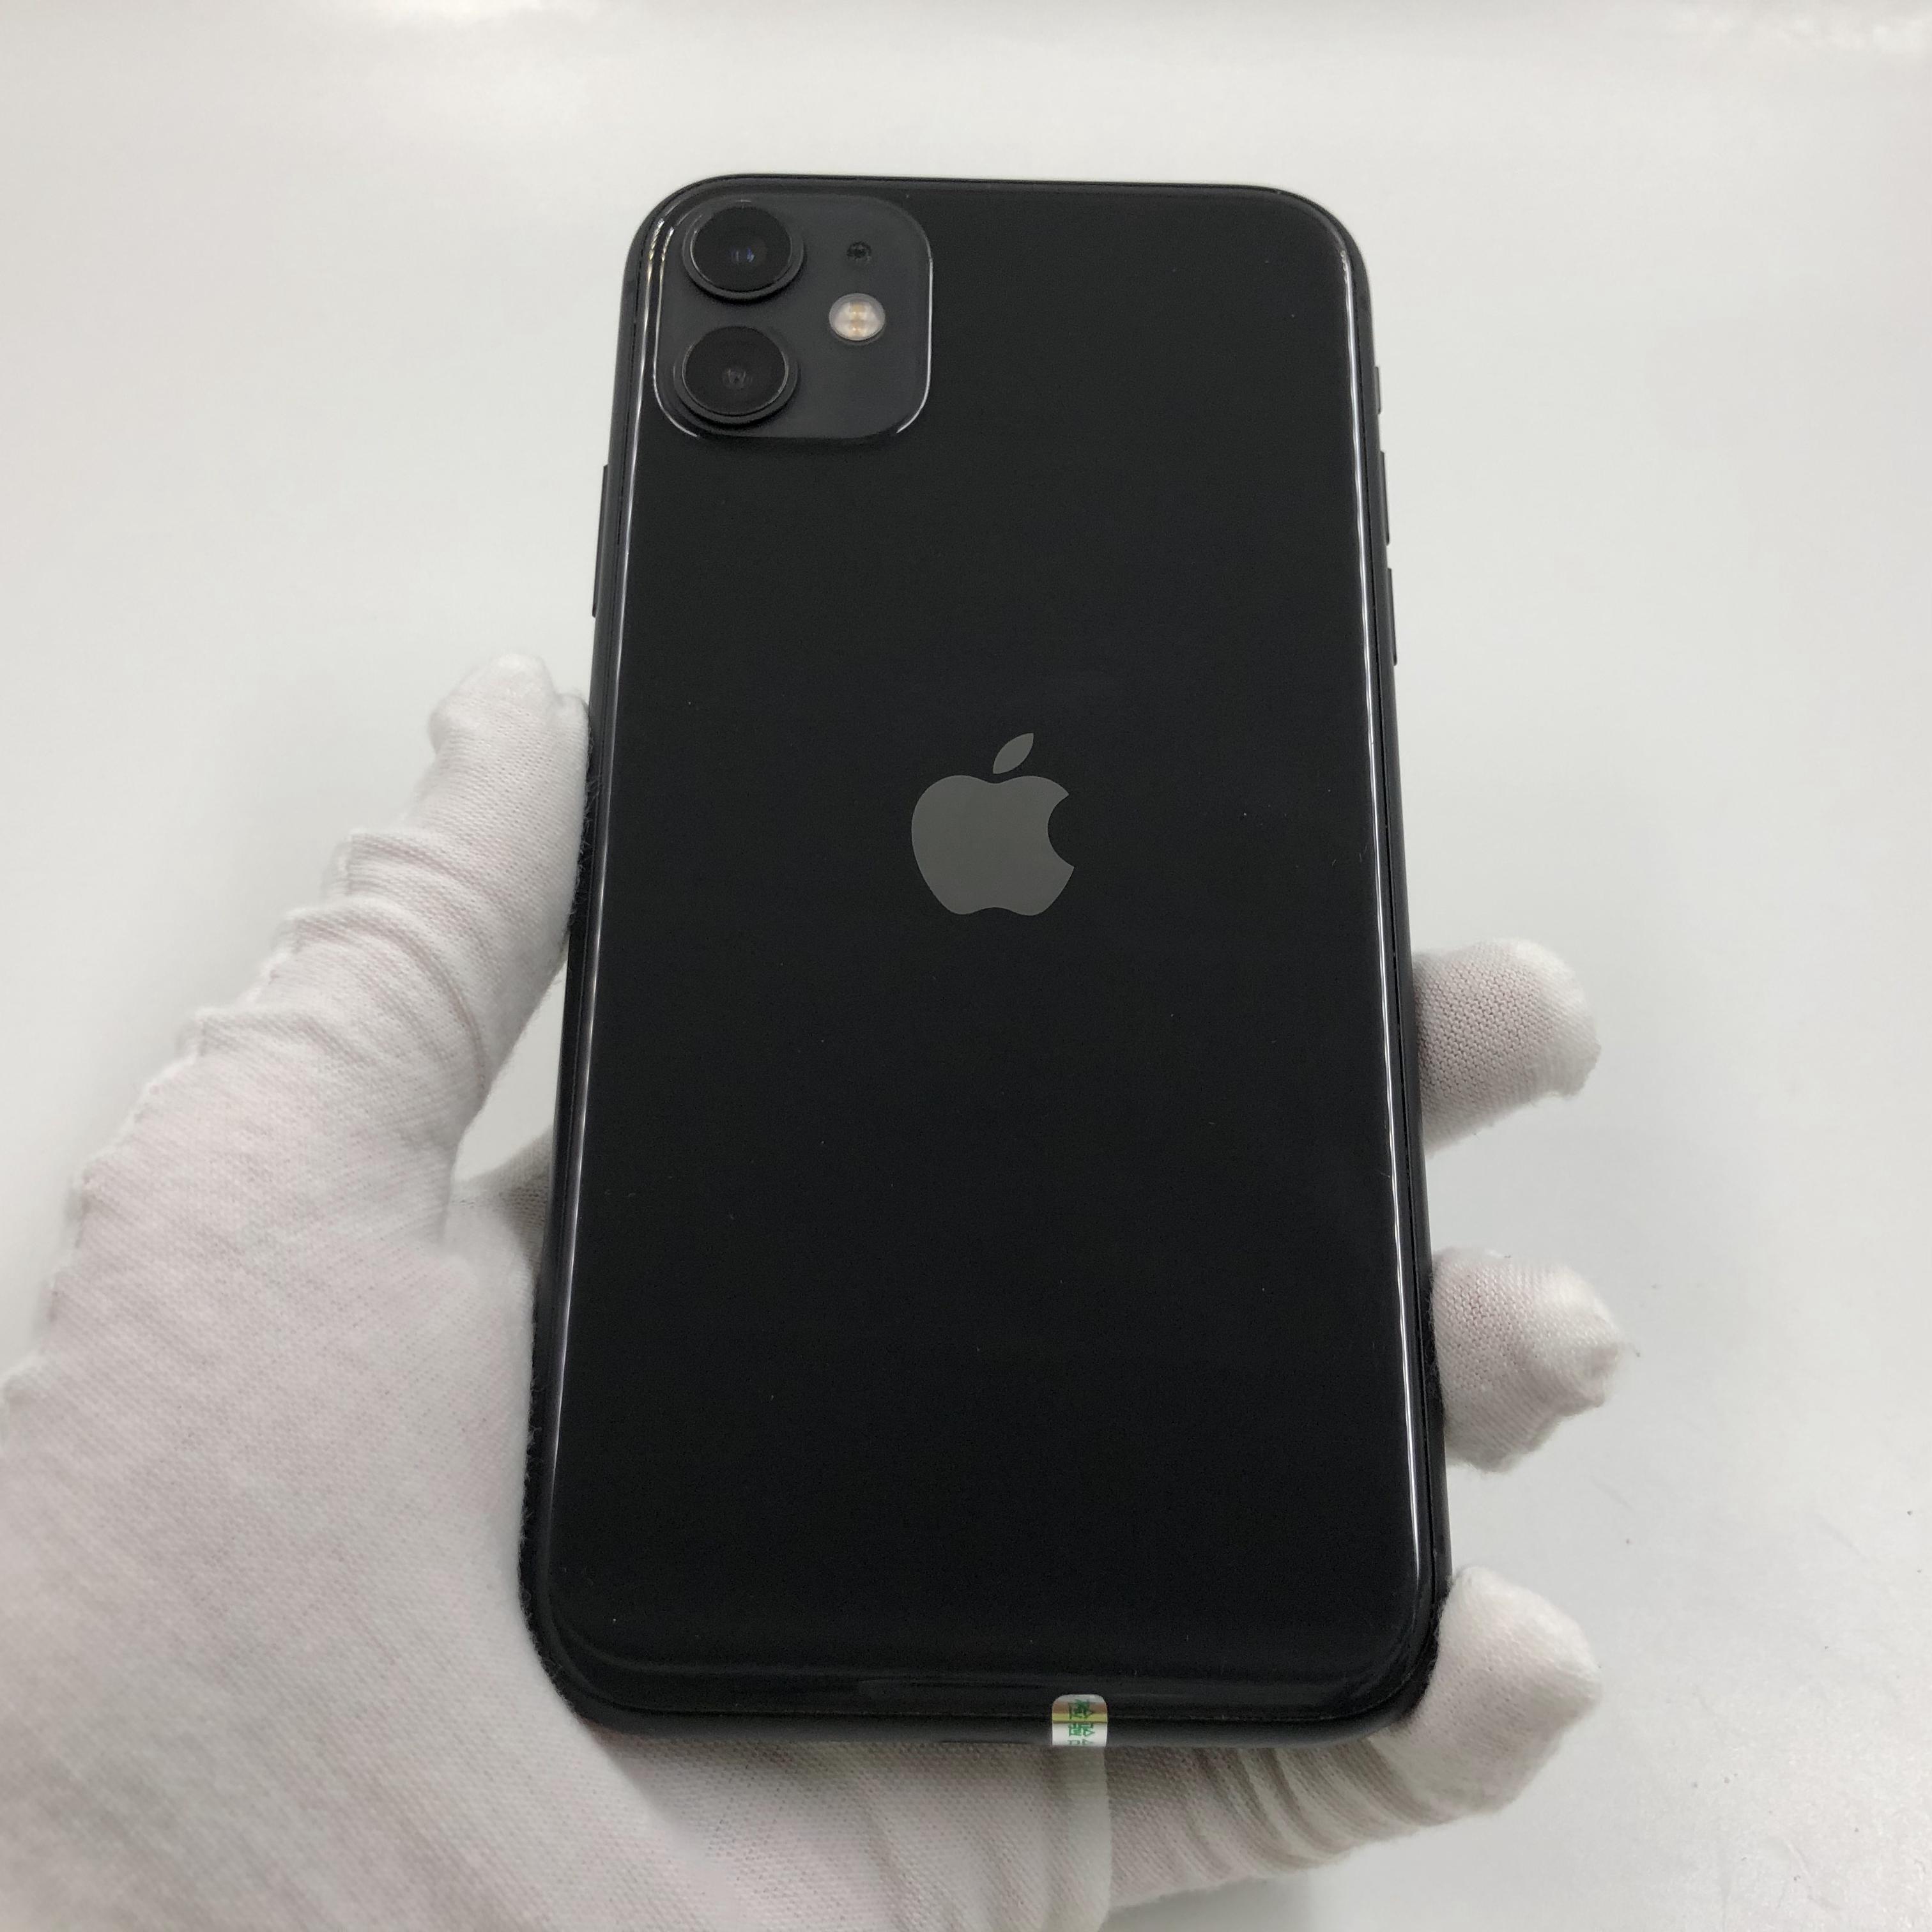 苹果【iPhone 11】4G全网通 黑色 128G 国行 8成新 真机实拍官保2022-01-23